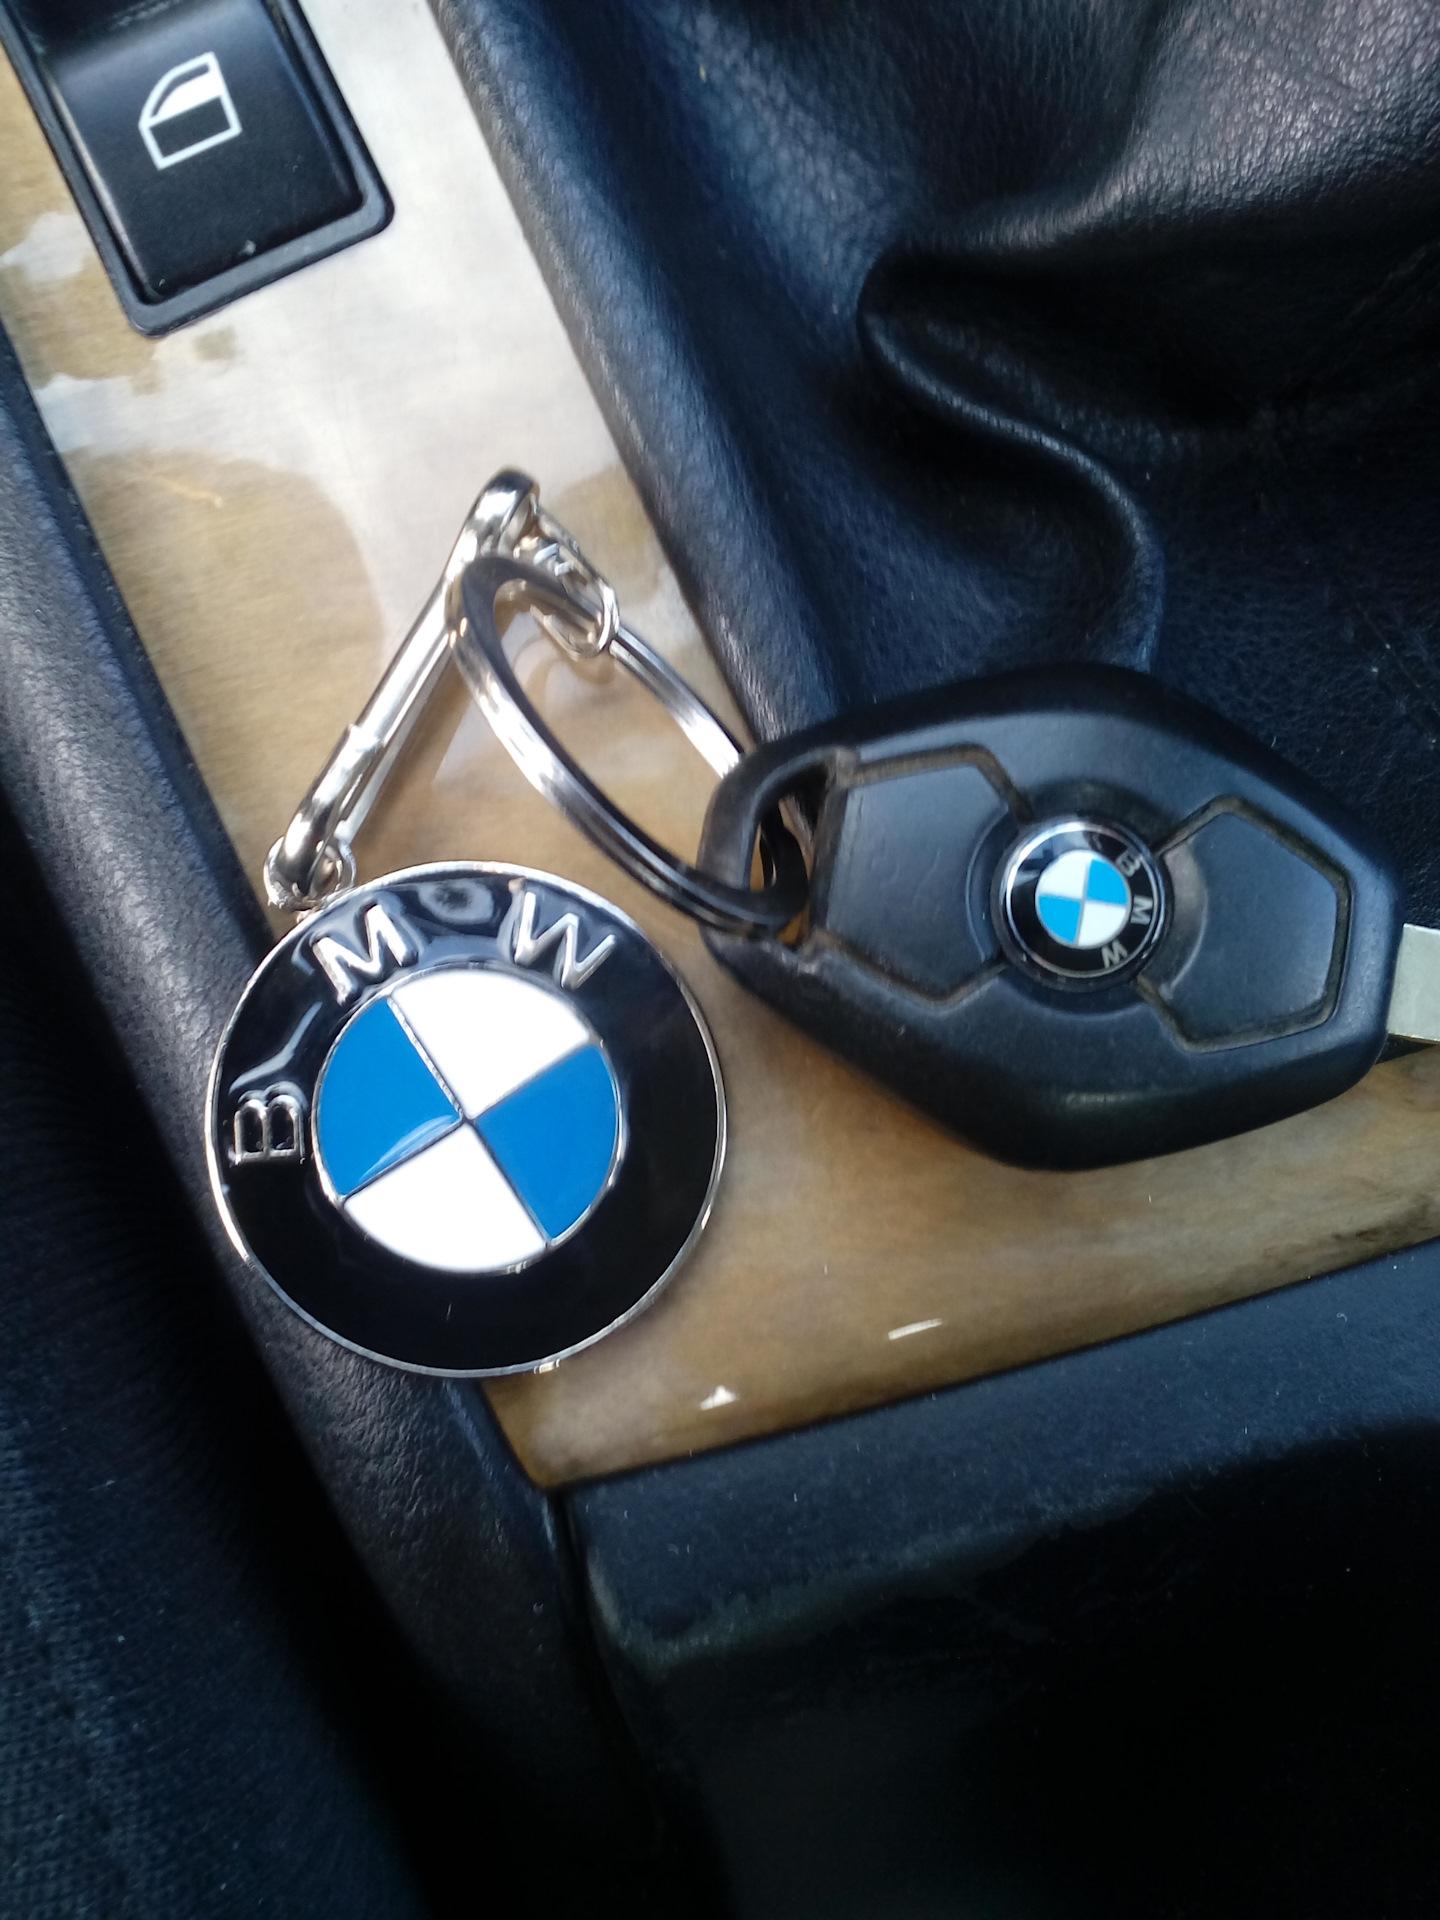 ключи от бмв фото найти свободное